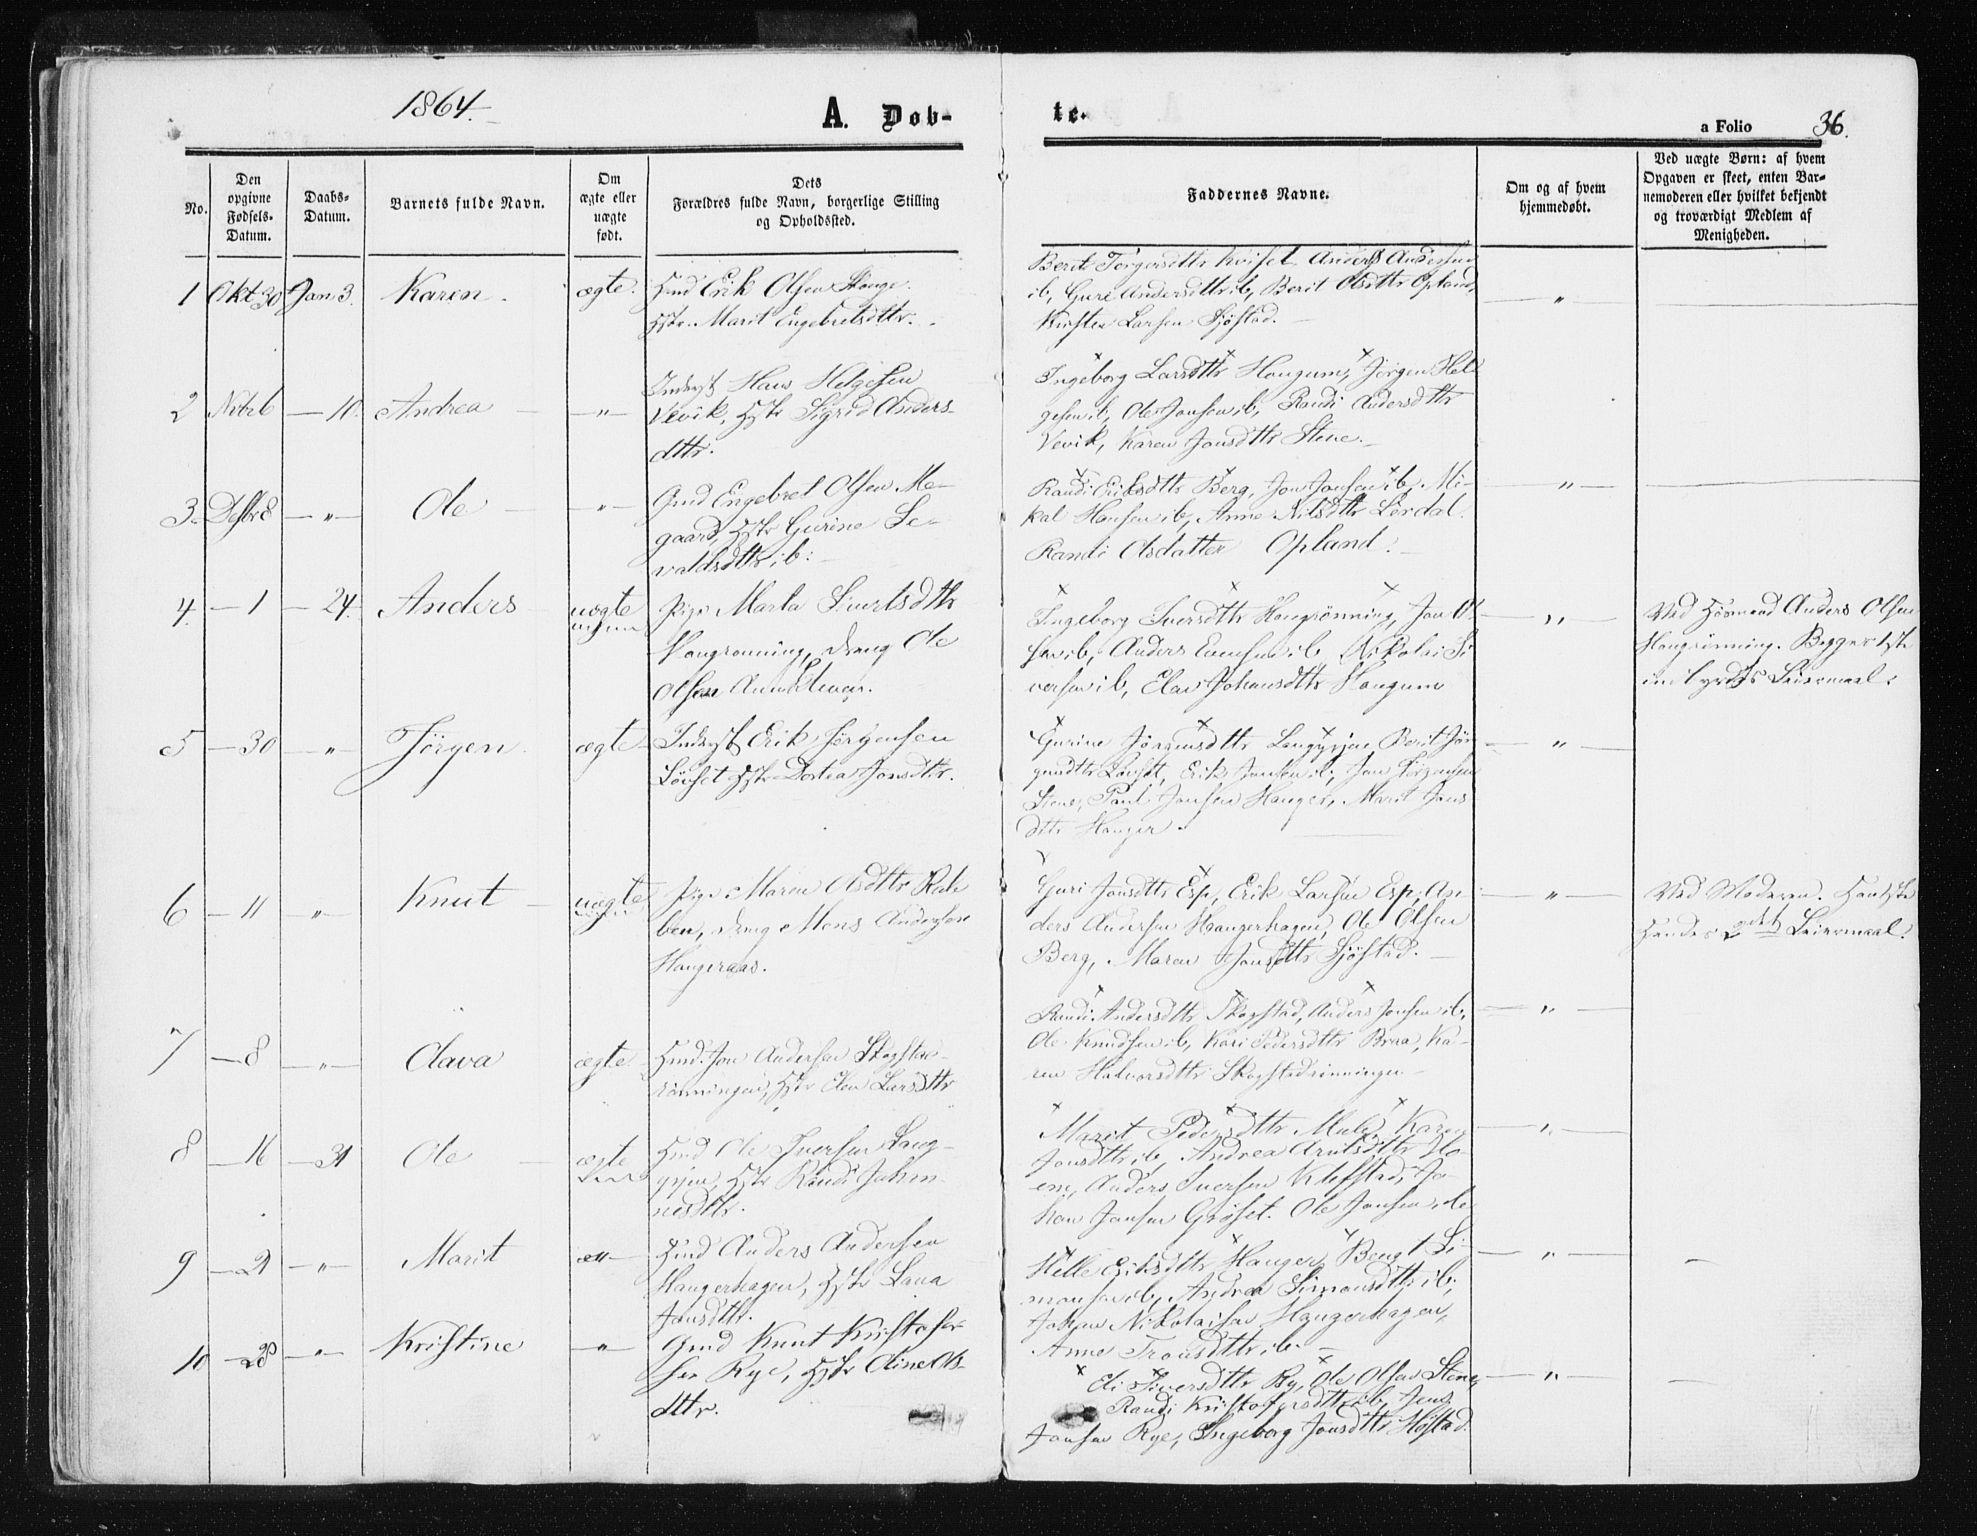 SAT, Ministerialprotokoller, klokkerbøker og fødselsregistre - Sør-Trøndelag, 612/L0377: Ministerialbok nr. 612A09, 1859-1877, s. 36